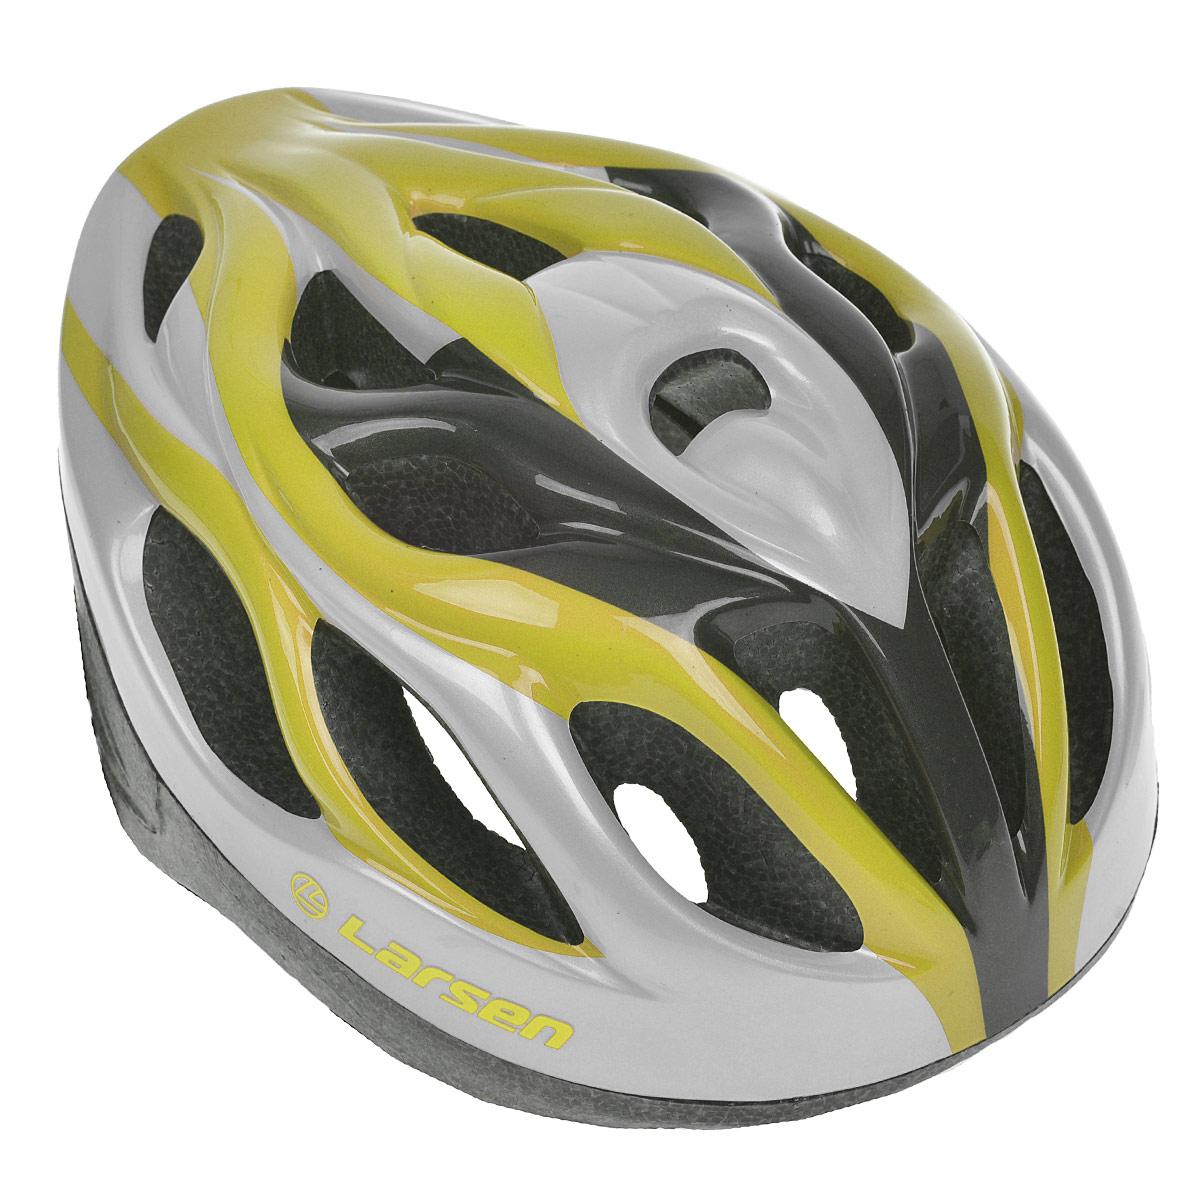 Шлем роликовый Larsen H3BW, цвет: желтый, серебристый. Размер L (54-57 см)WRA523700Надежный роликовый шлем Larsen H3BW сделает ваш активный отдых безопасным.Шлем выполнен из прочного пластика и отлично защищает от травм. Внутренняя сторона шлема оснащена мягкими текстильными накладками, которые обеспечивают надежное прилегание шлема и комфорт при использовании. Шлем имеет систему систему вентиляции. Он отлично сядет по голове, благодаря регулируемым ремешкам и практичному механическому регулятору.Роликовый шлем станет незаменимым дополнением для полноценного летнего отдыха и занятия активными видами спорта.